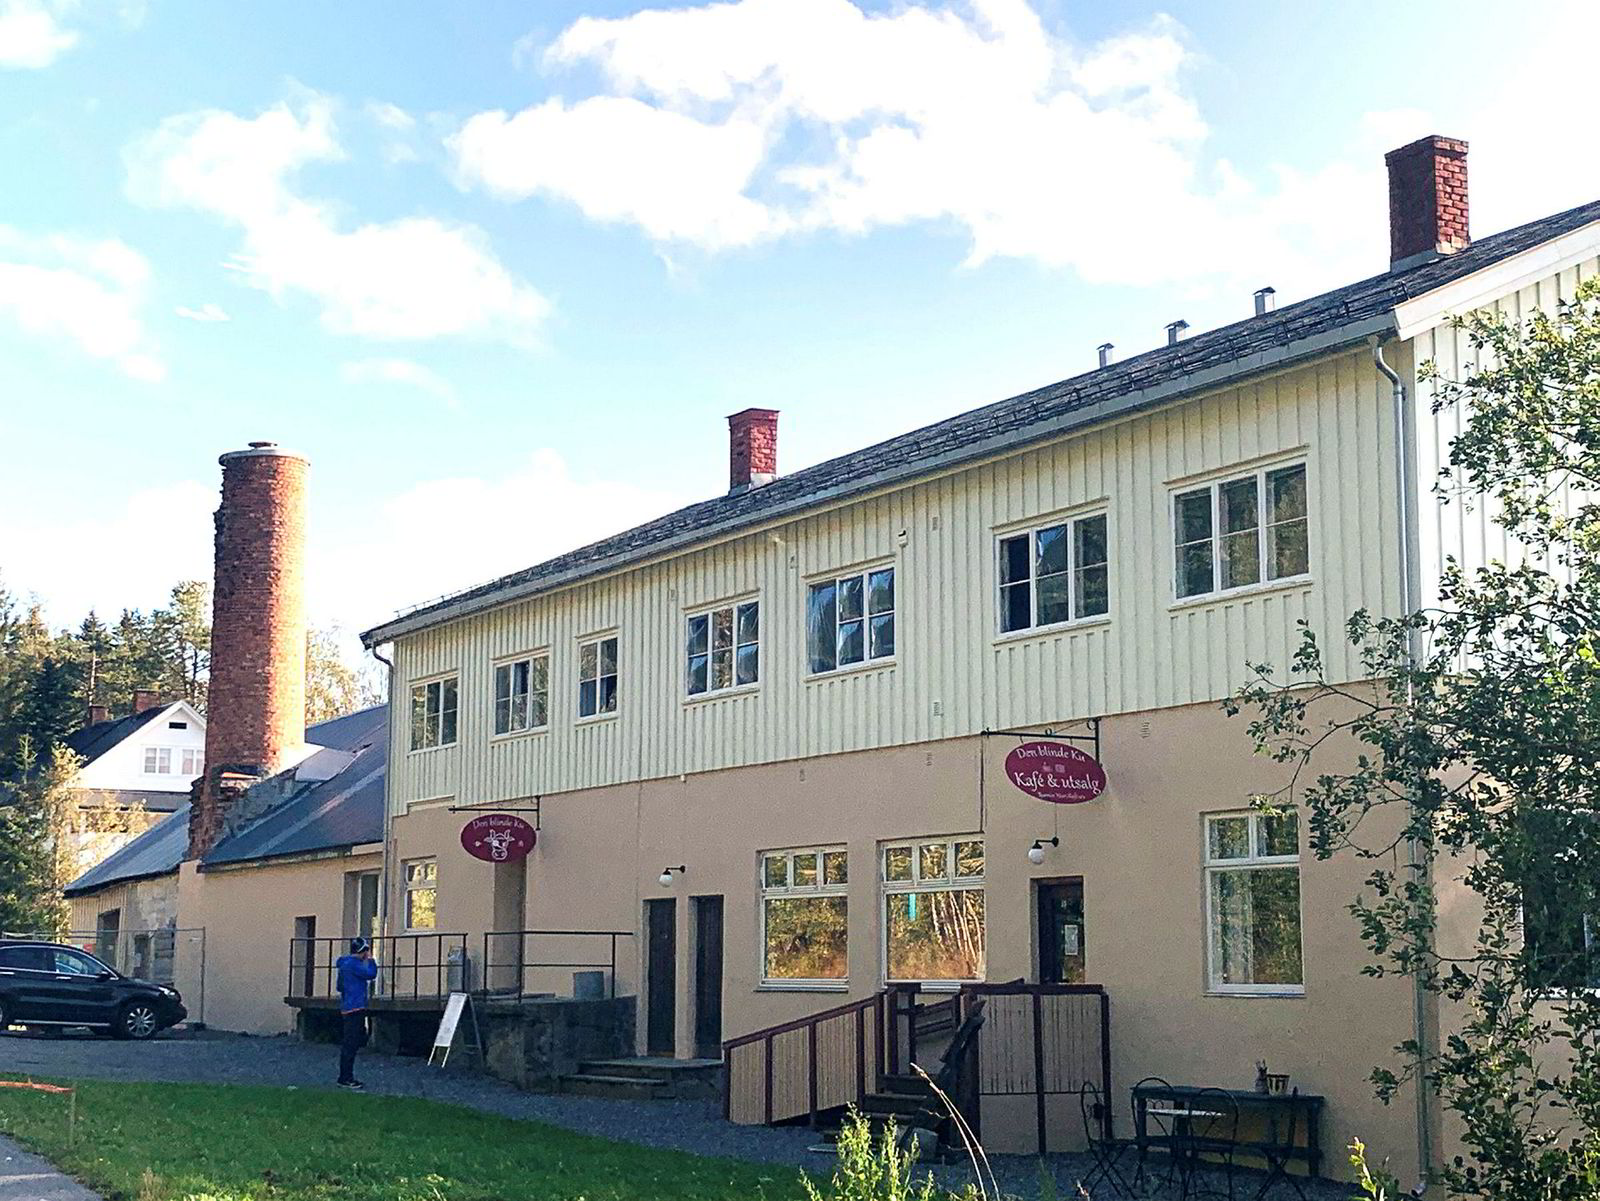 Den Blinde Ku flyttet produksjonen til et gammelt ysteri i Snertingdal i Gjøvik kommune i våres.